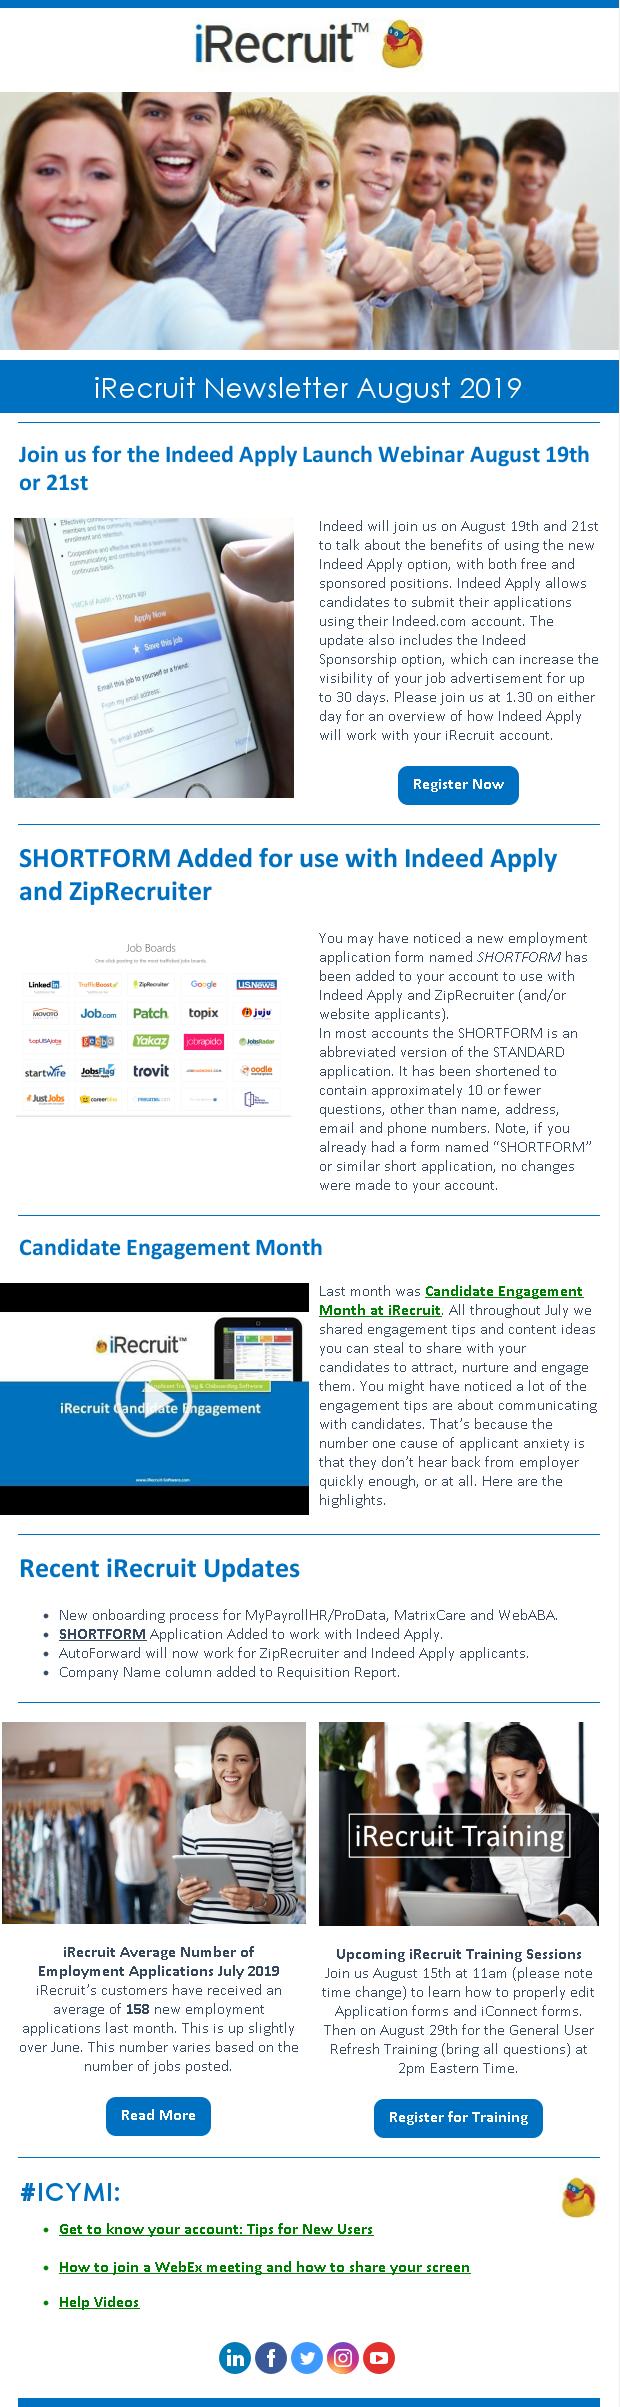 iRecruit Customer Newsletter August 2019